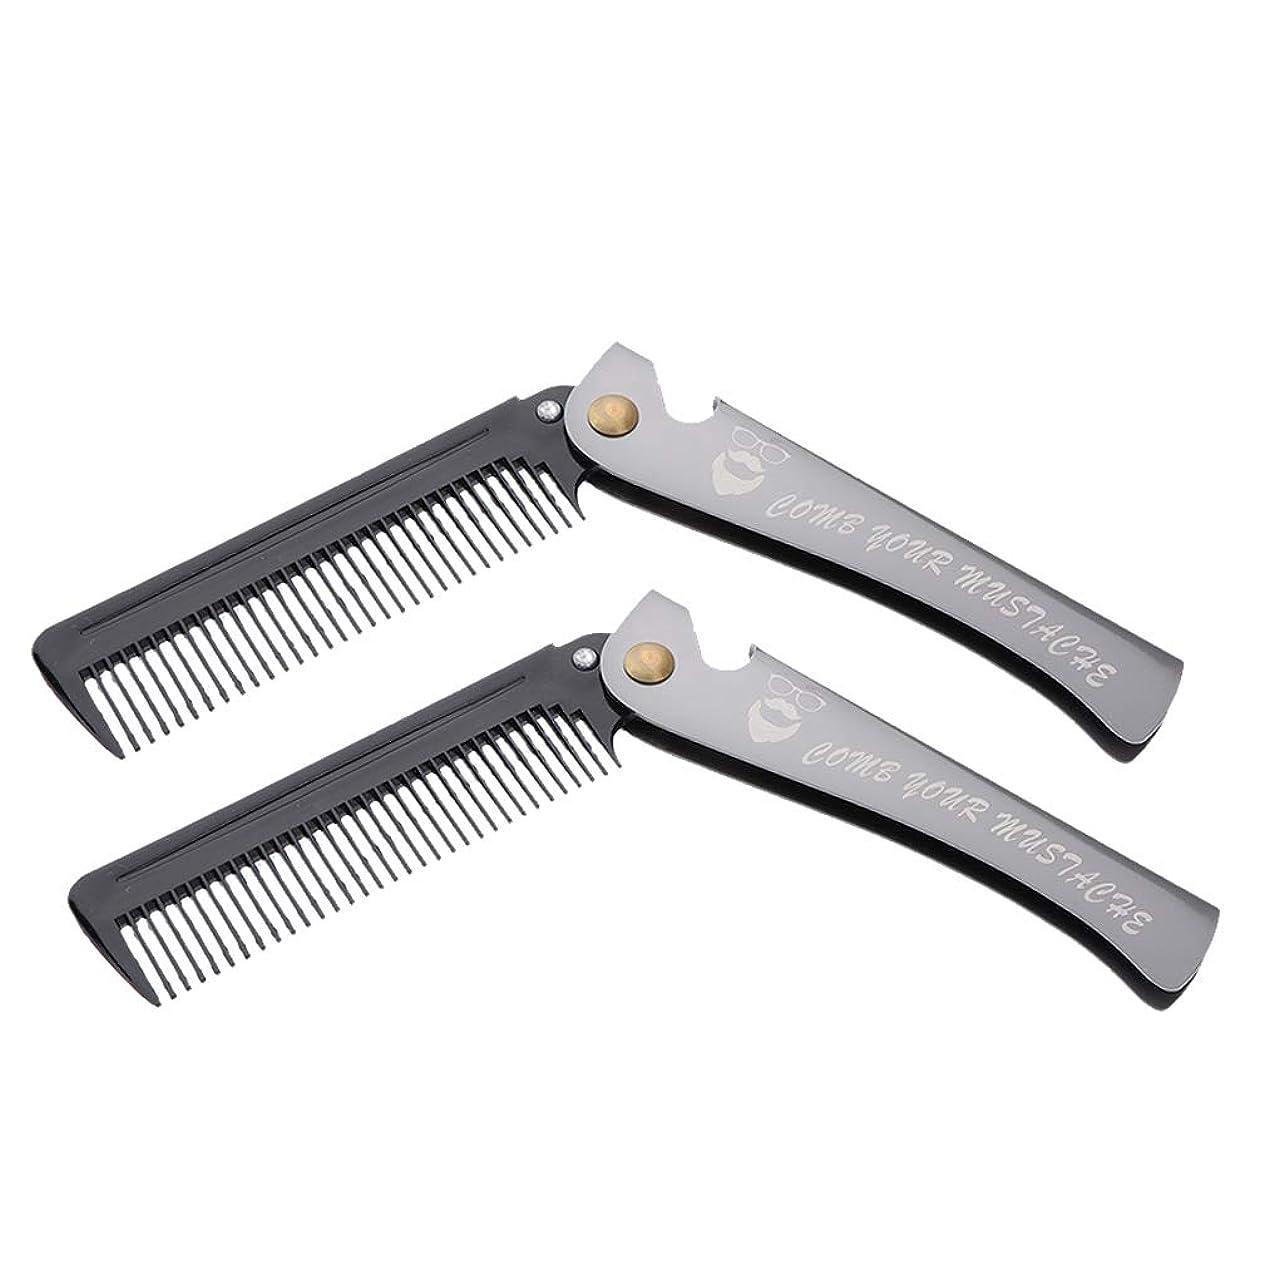 すりクレデンシャル冬T TOOYFUL 2本帯電防止折りたたみ髪髭成形コムズポケットスタイリングくし黒